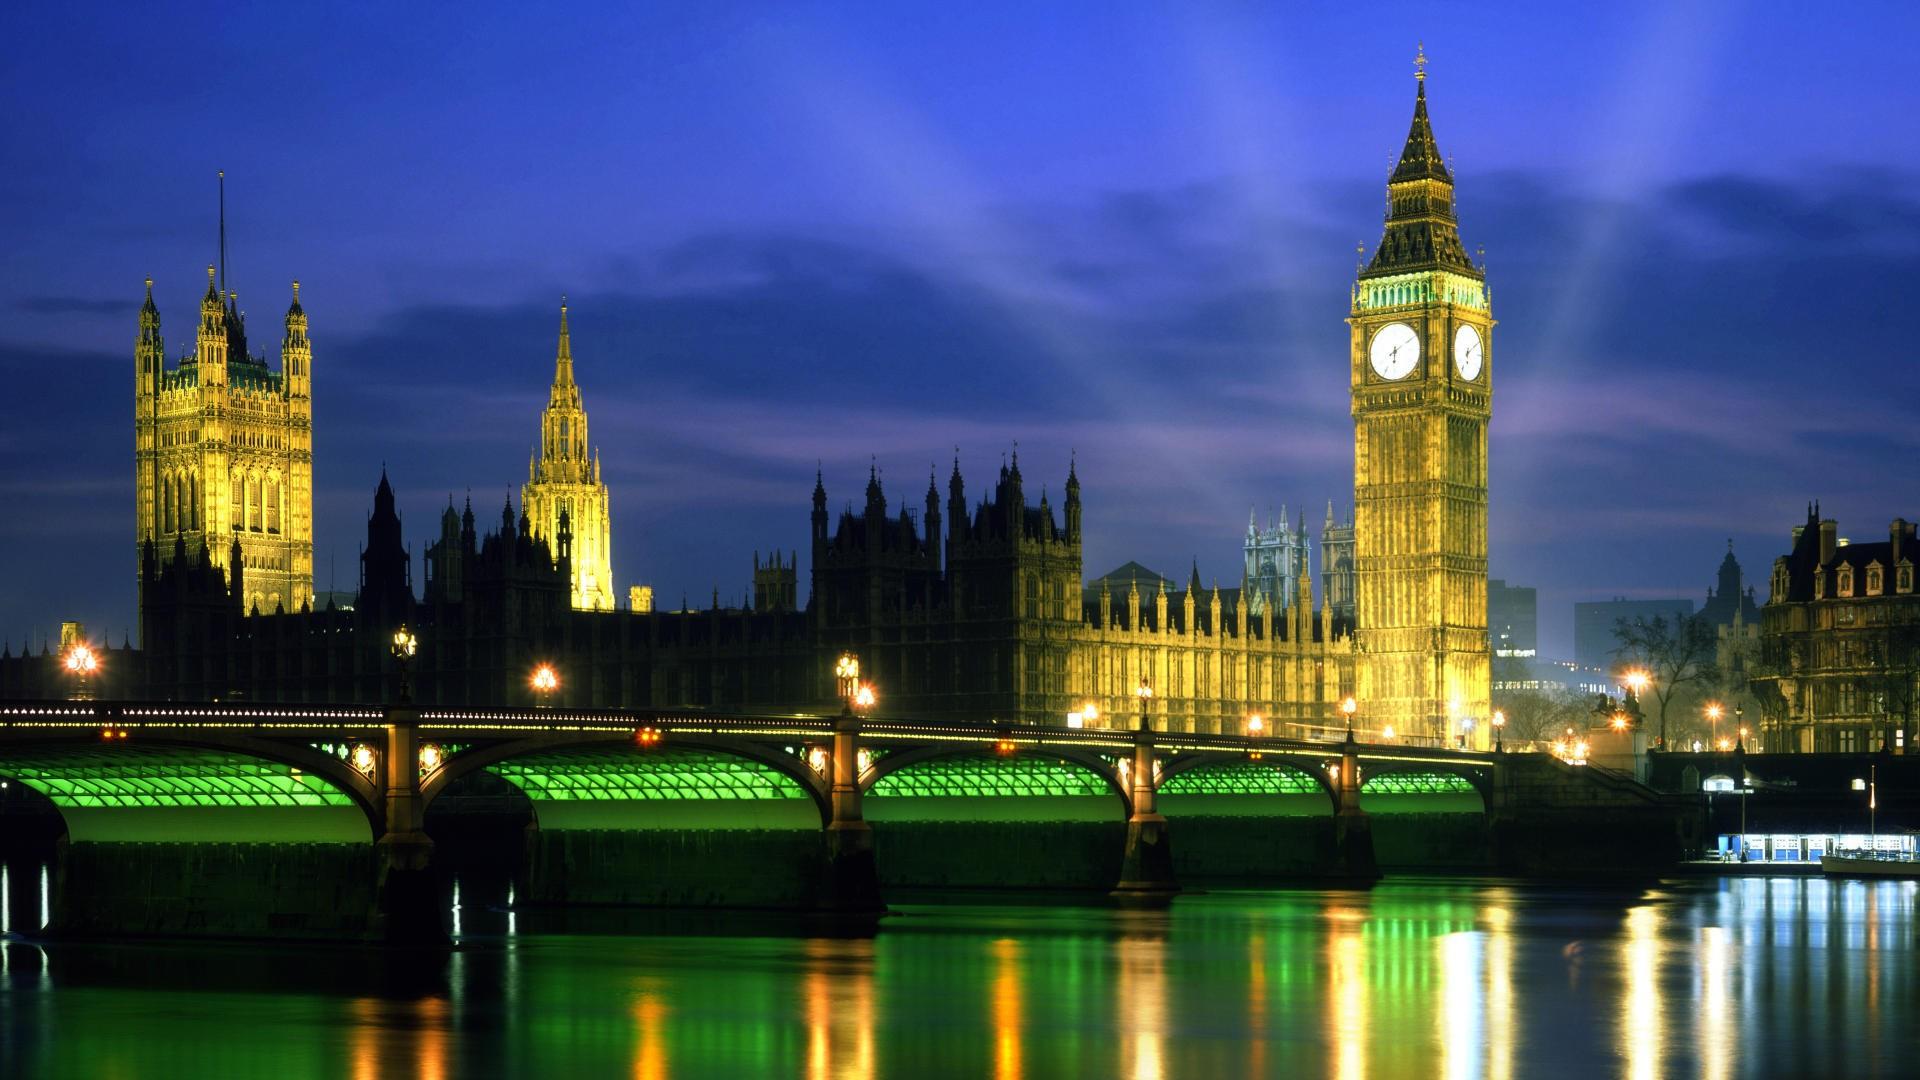 Night-In-London-Wallpaper-Landscape-City.jpg